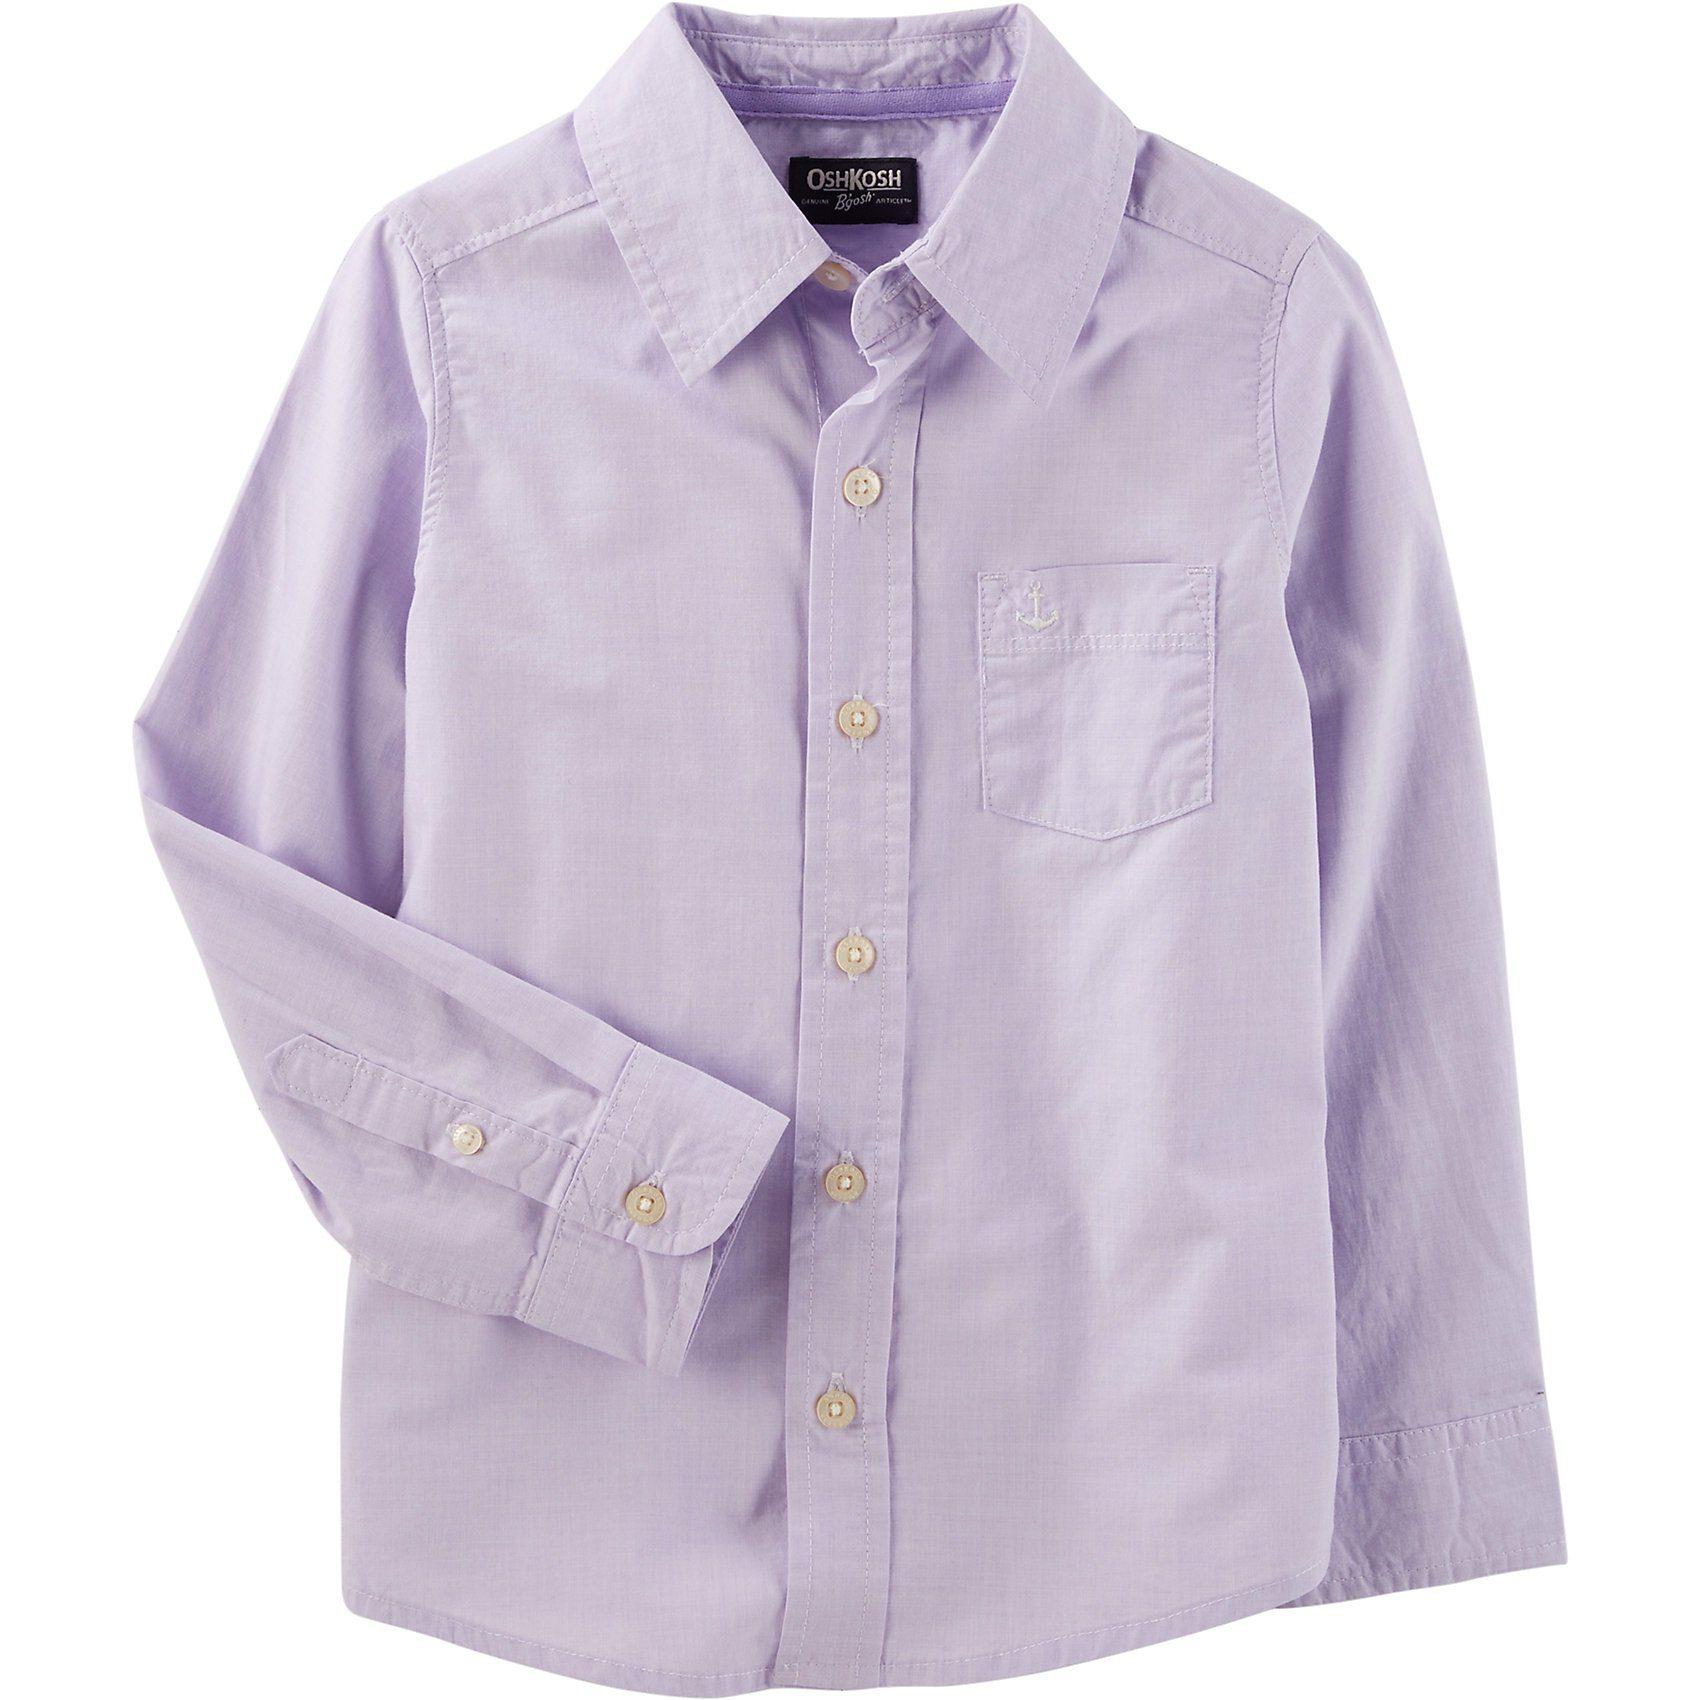 Herren,  Jungen,  Kinder OshKosh B'gosh® Langarmhemd mit Anker für Jungen    00190796581361